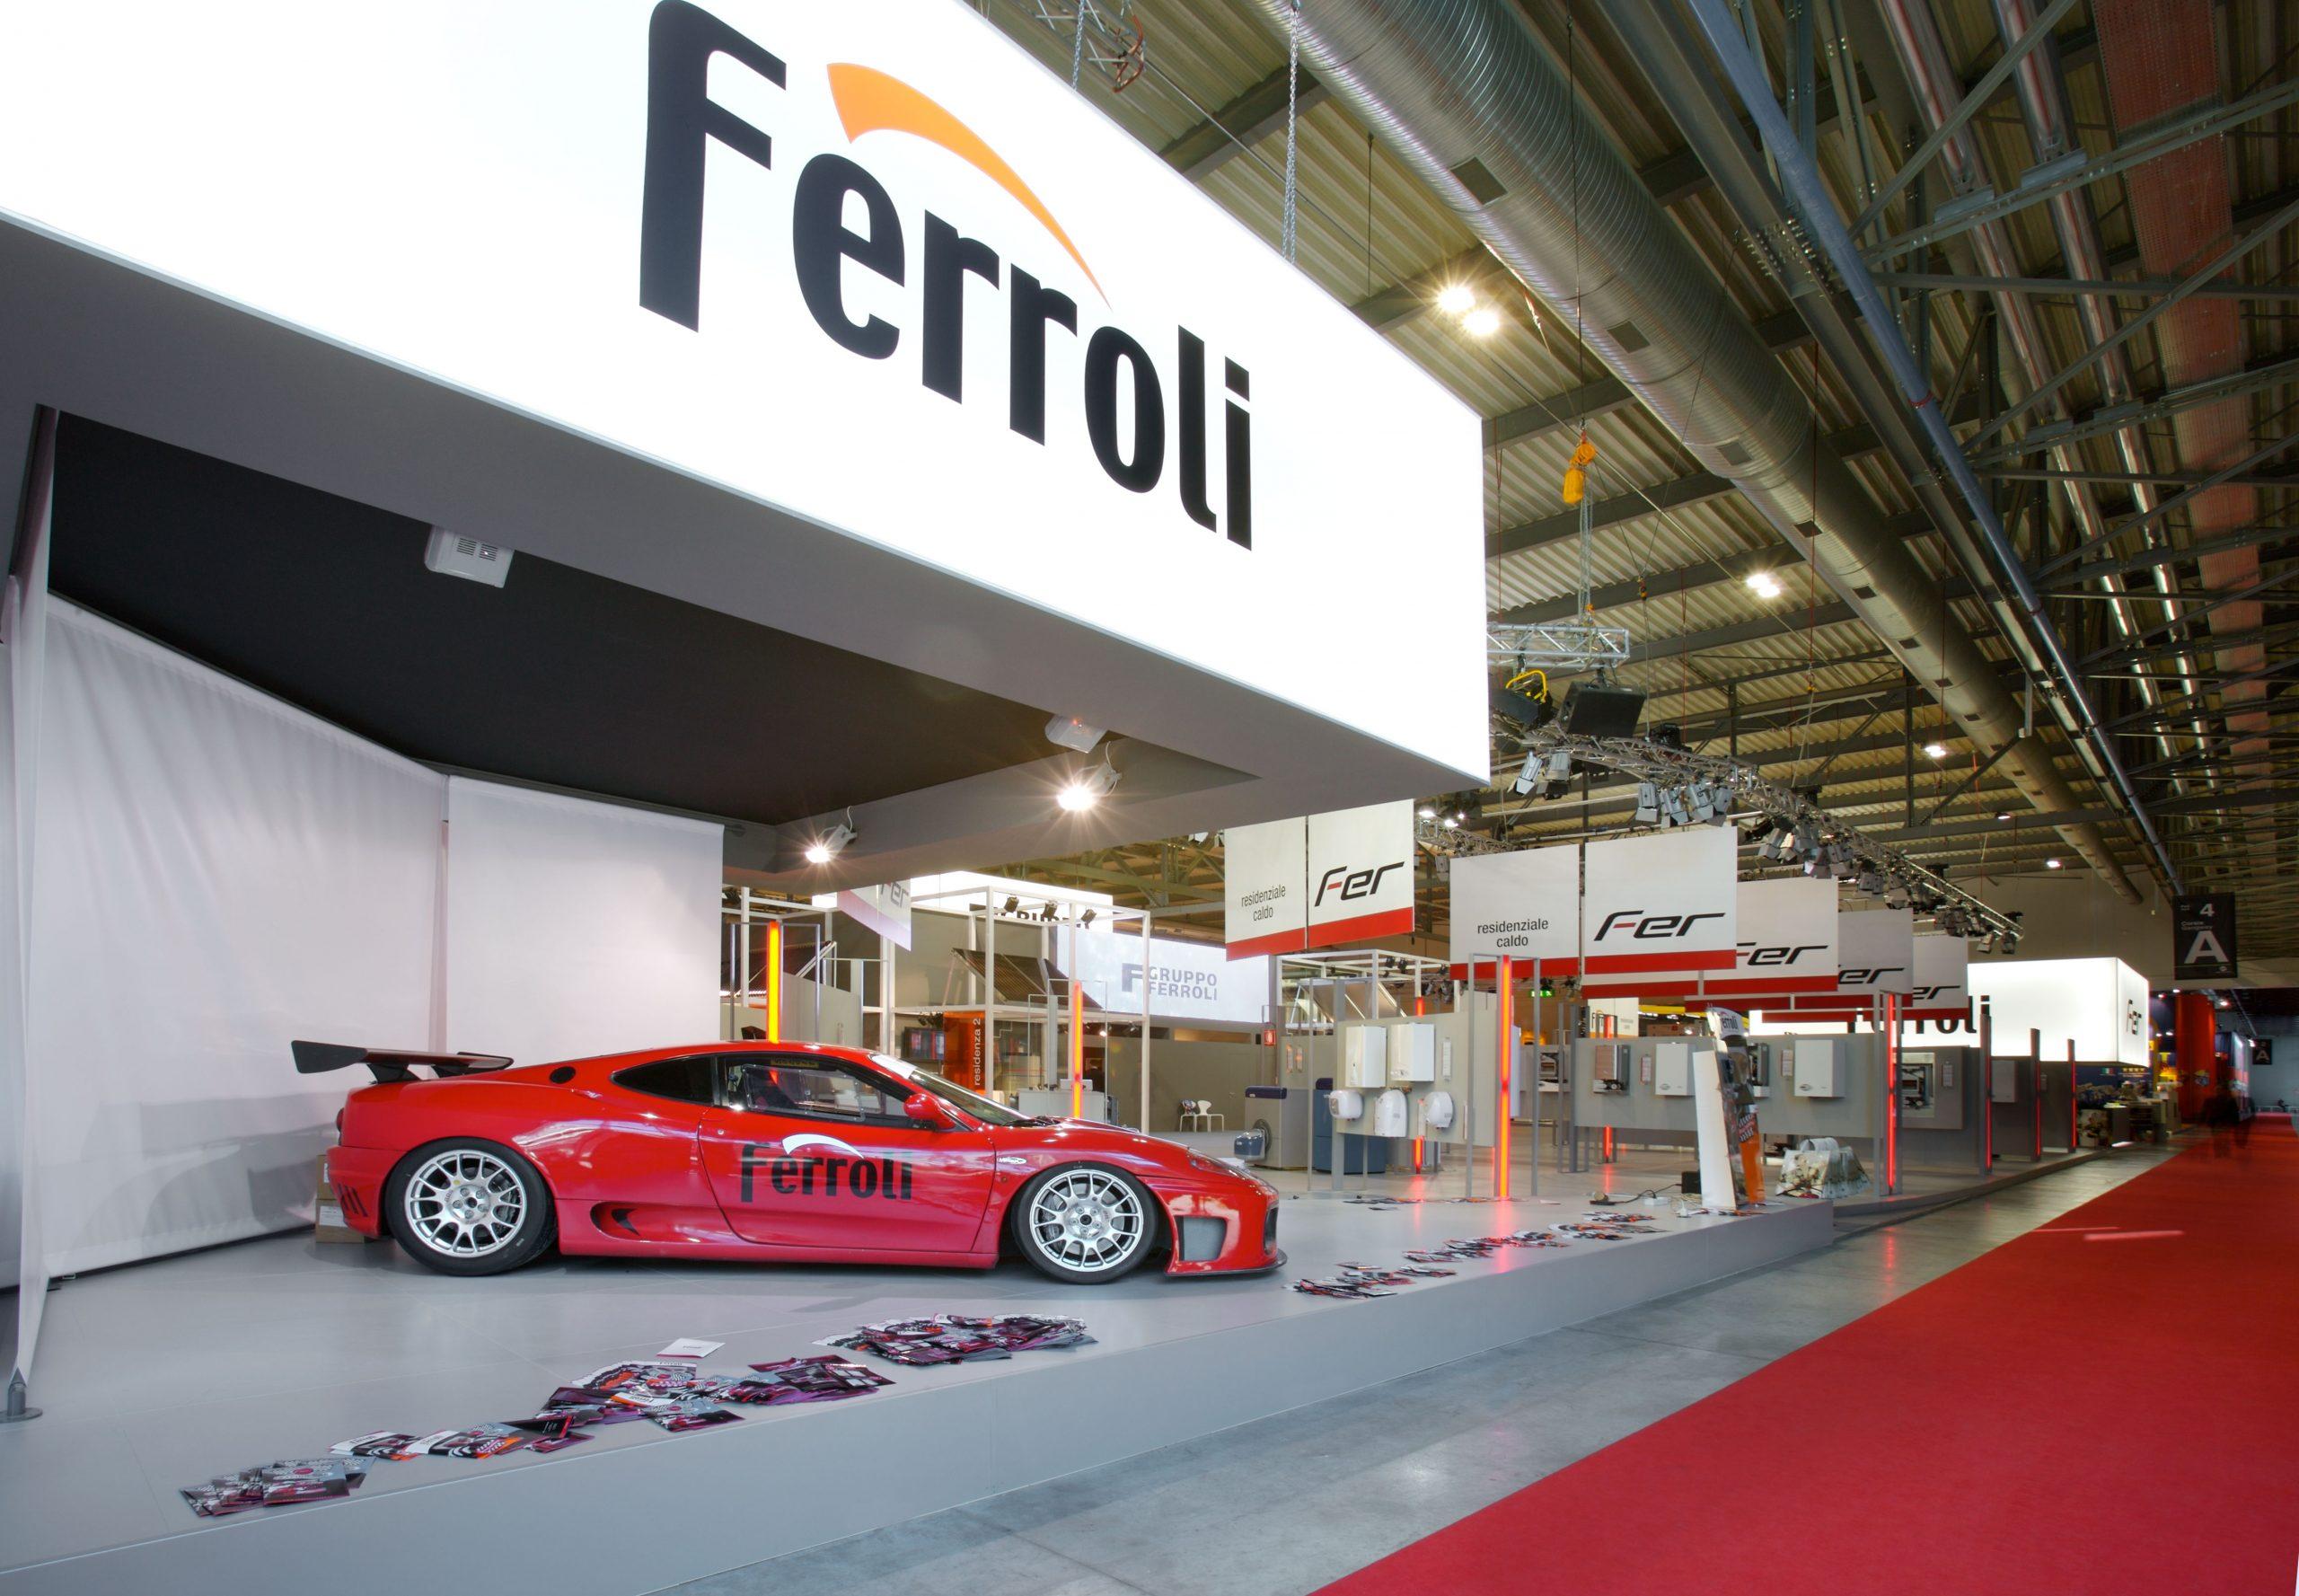 12-Ferroli-Mostra-Convegno-2008-Milano